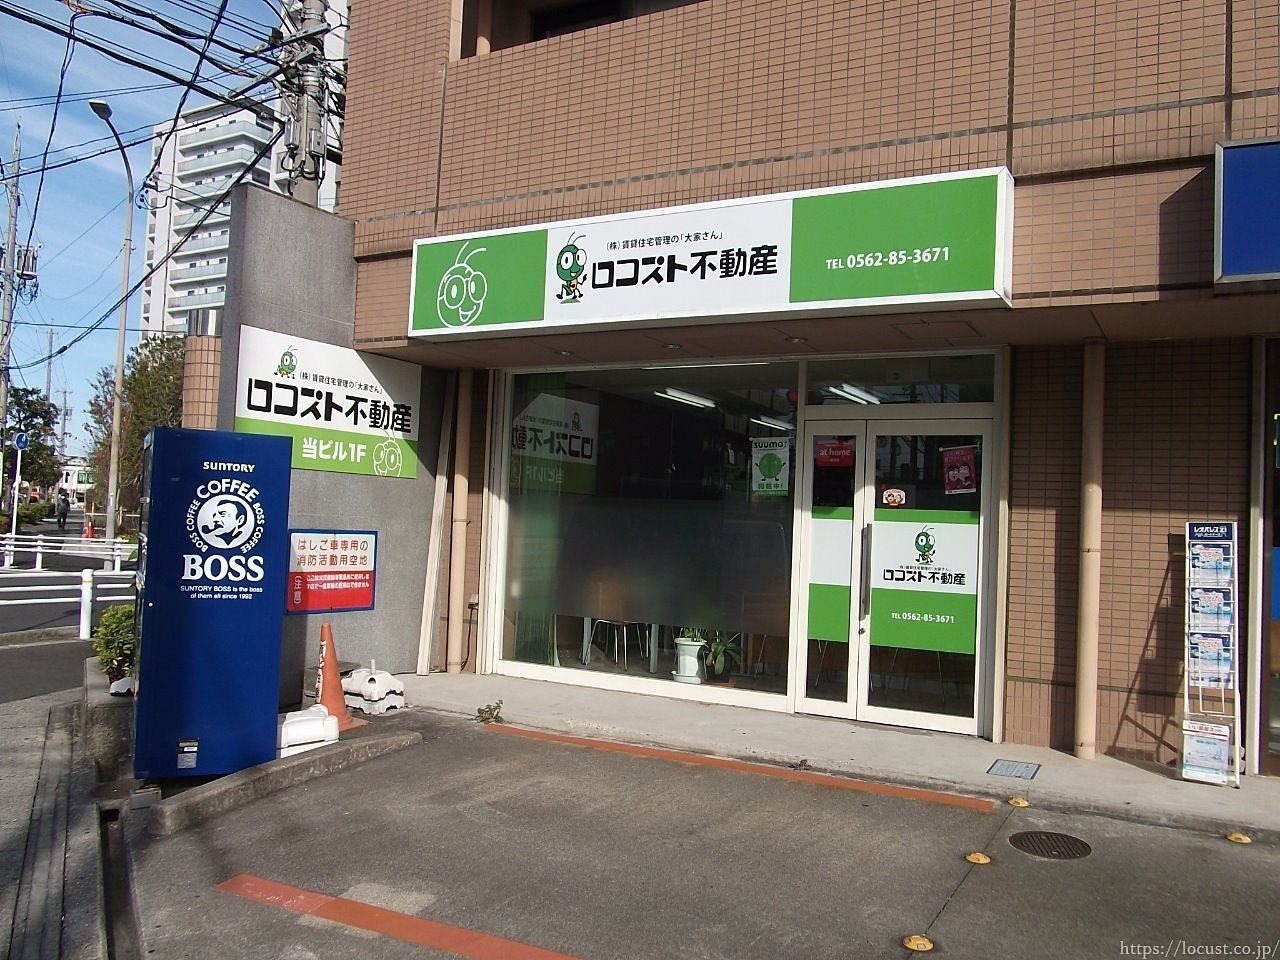 愛知県大府市のロコスト不動産は、バッタのキャラクターが目印です。